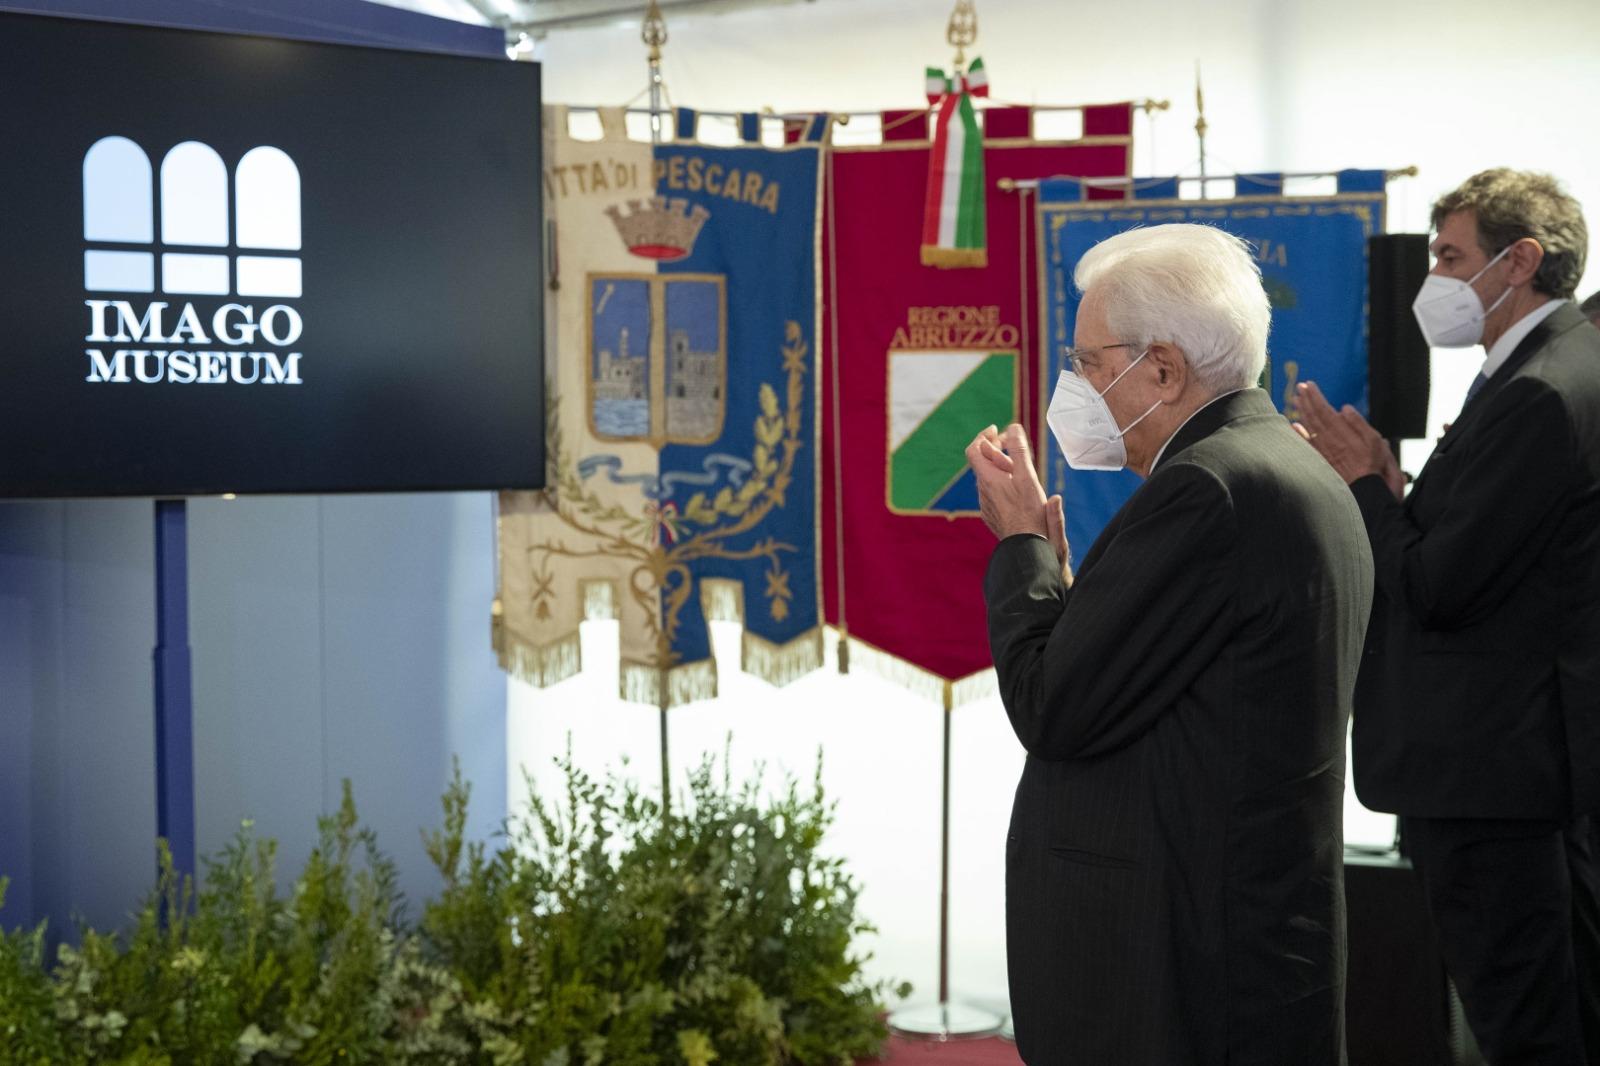 Mattarella a Pescara: grande apprezzamento per l'Imago Museum VIDEO-FOTO